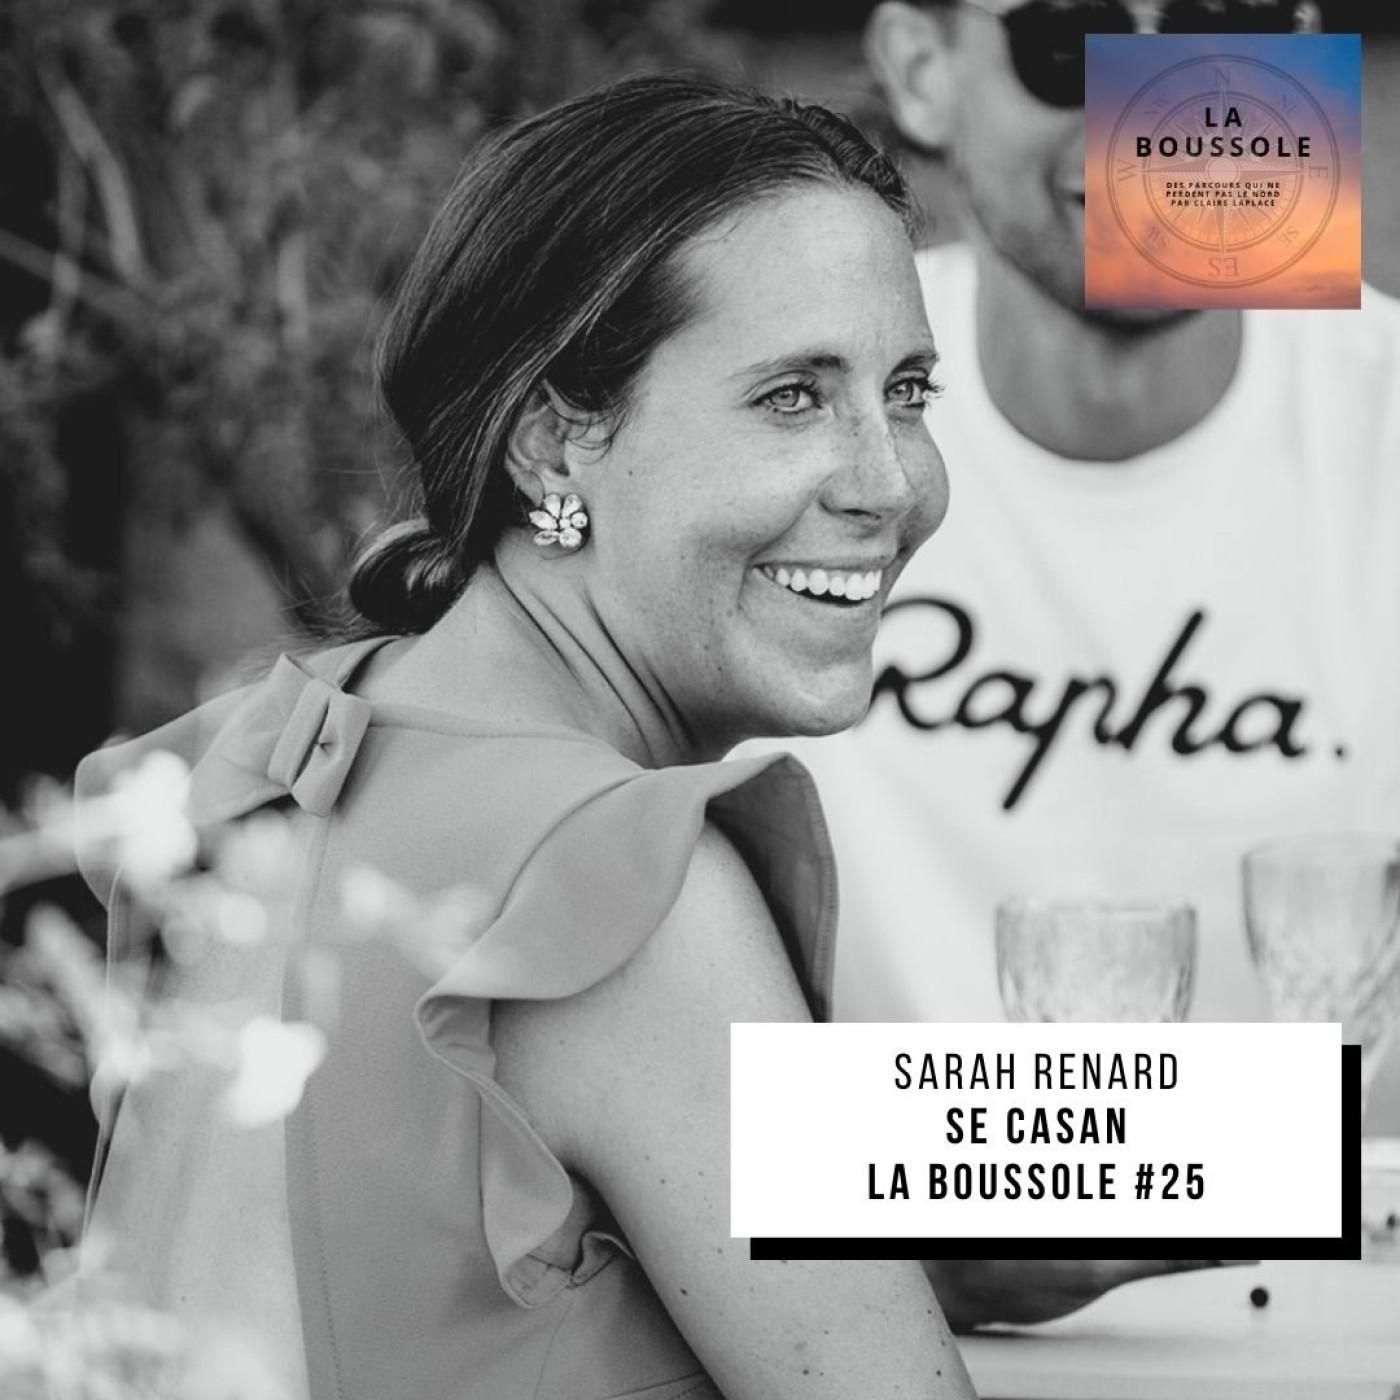 #25_Sarah Renard_Se Casan ou le choix de la location pour nos plus beaux évènements